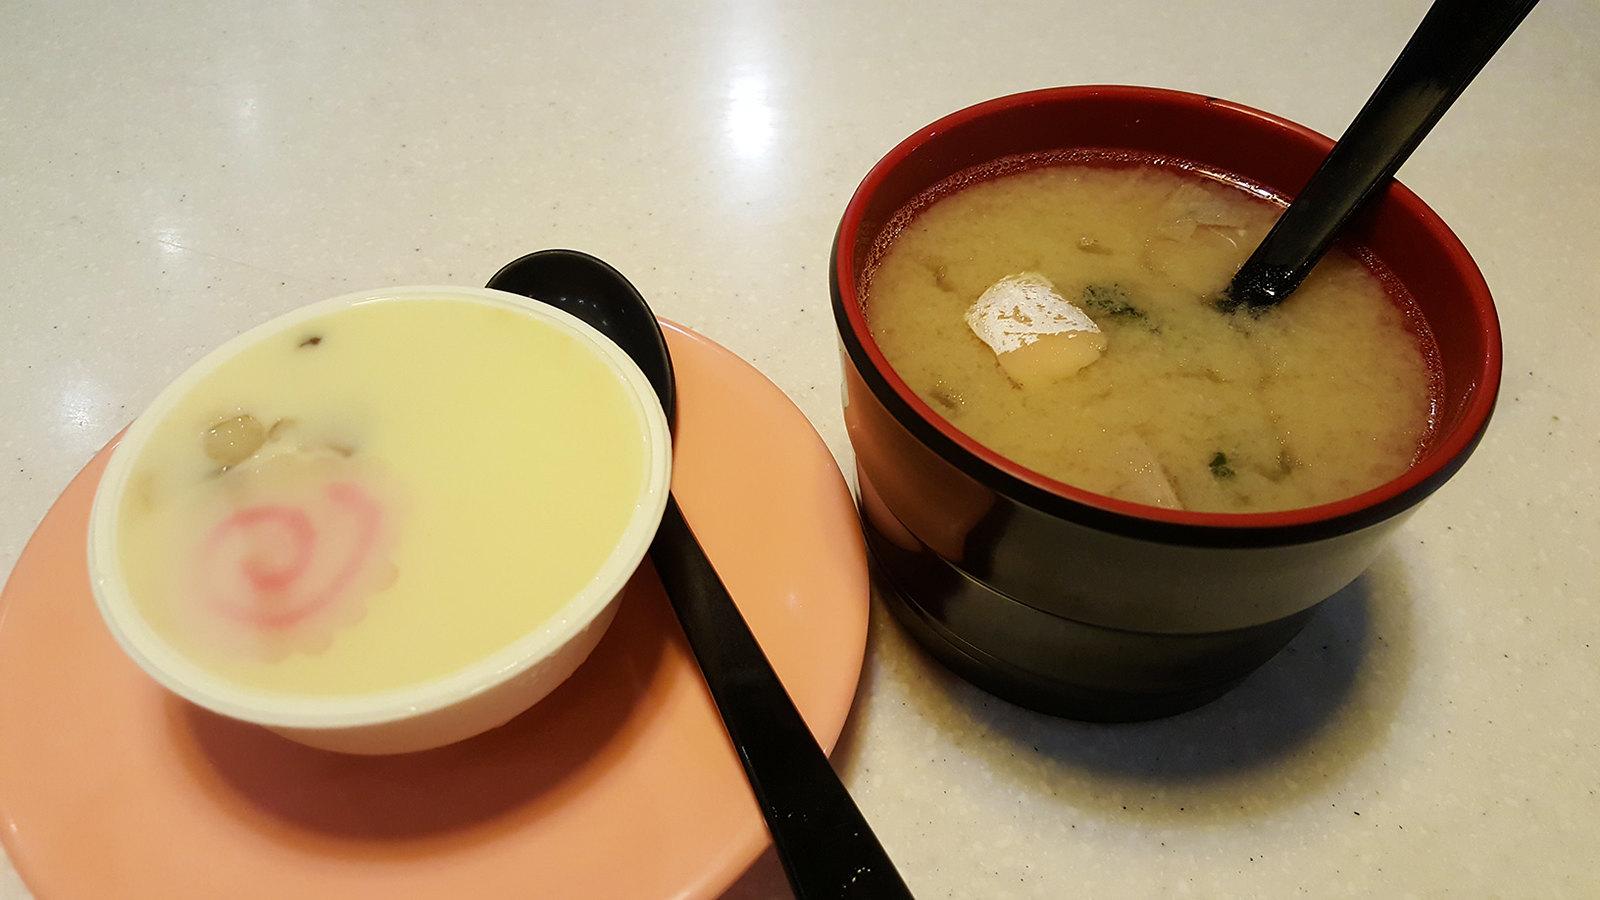 爭鮮 茶碗蒸跟味噌湯